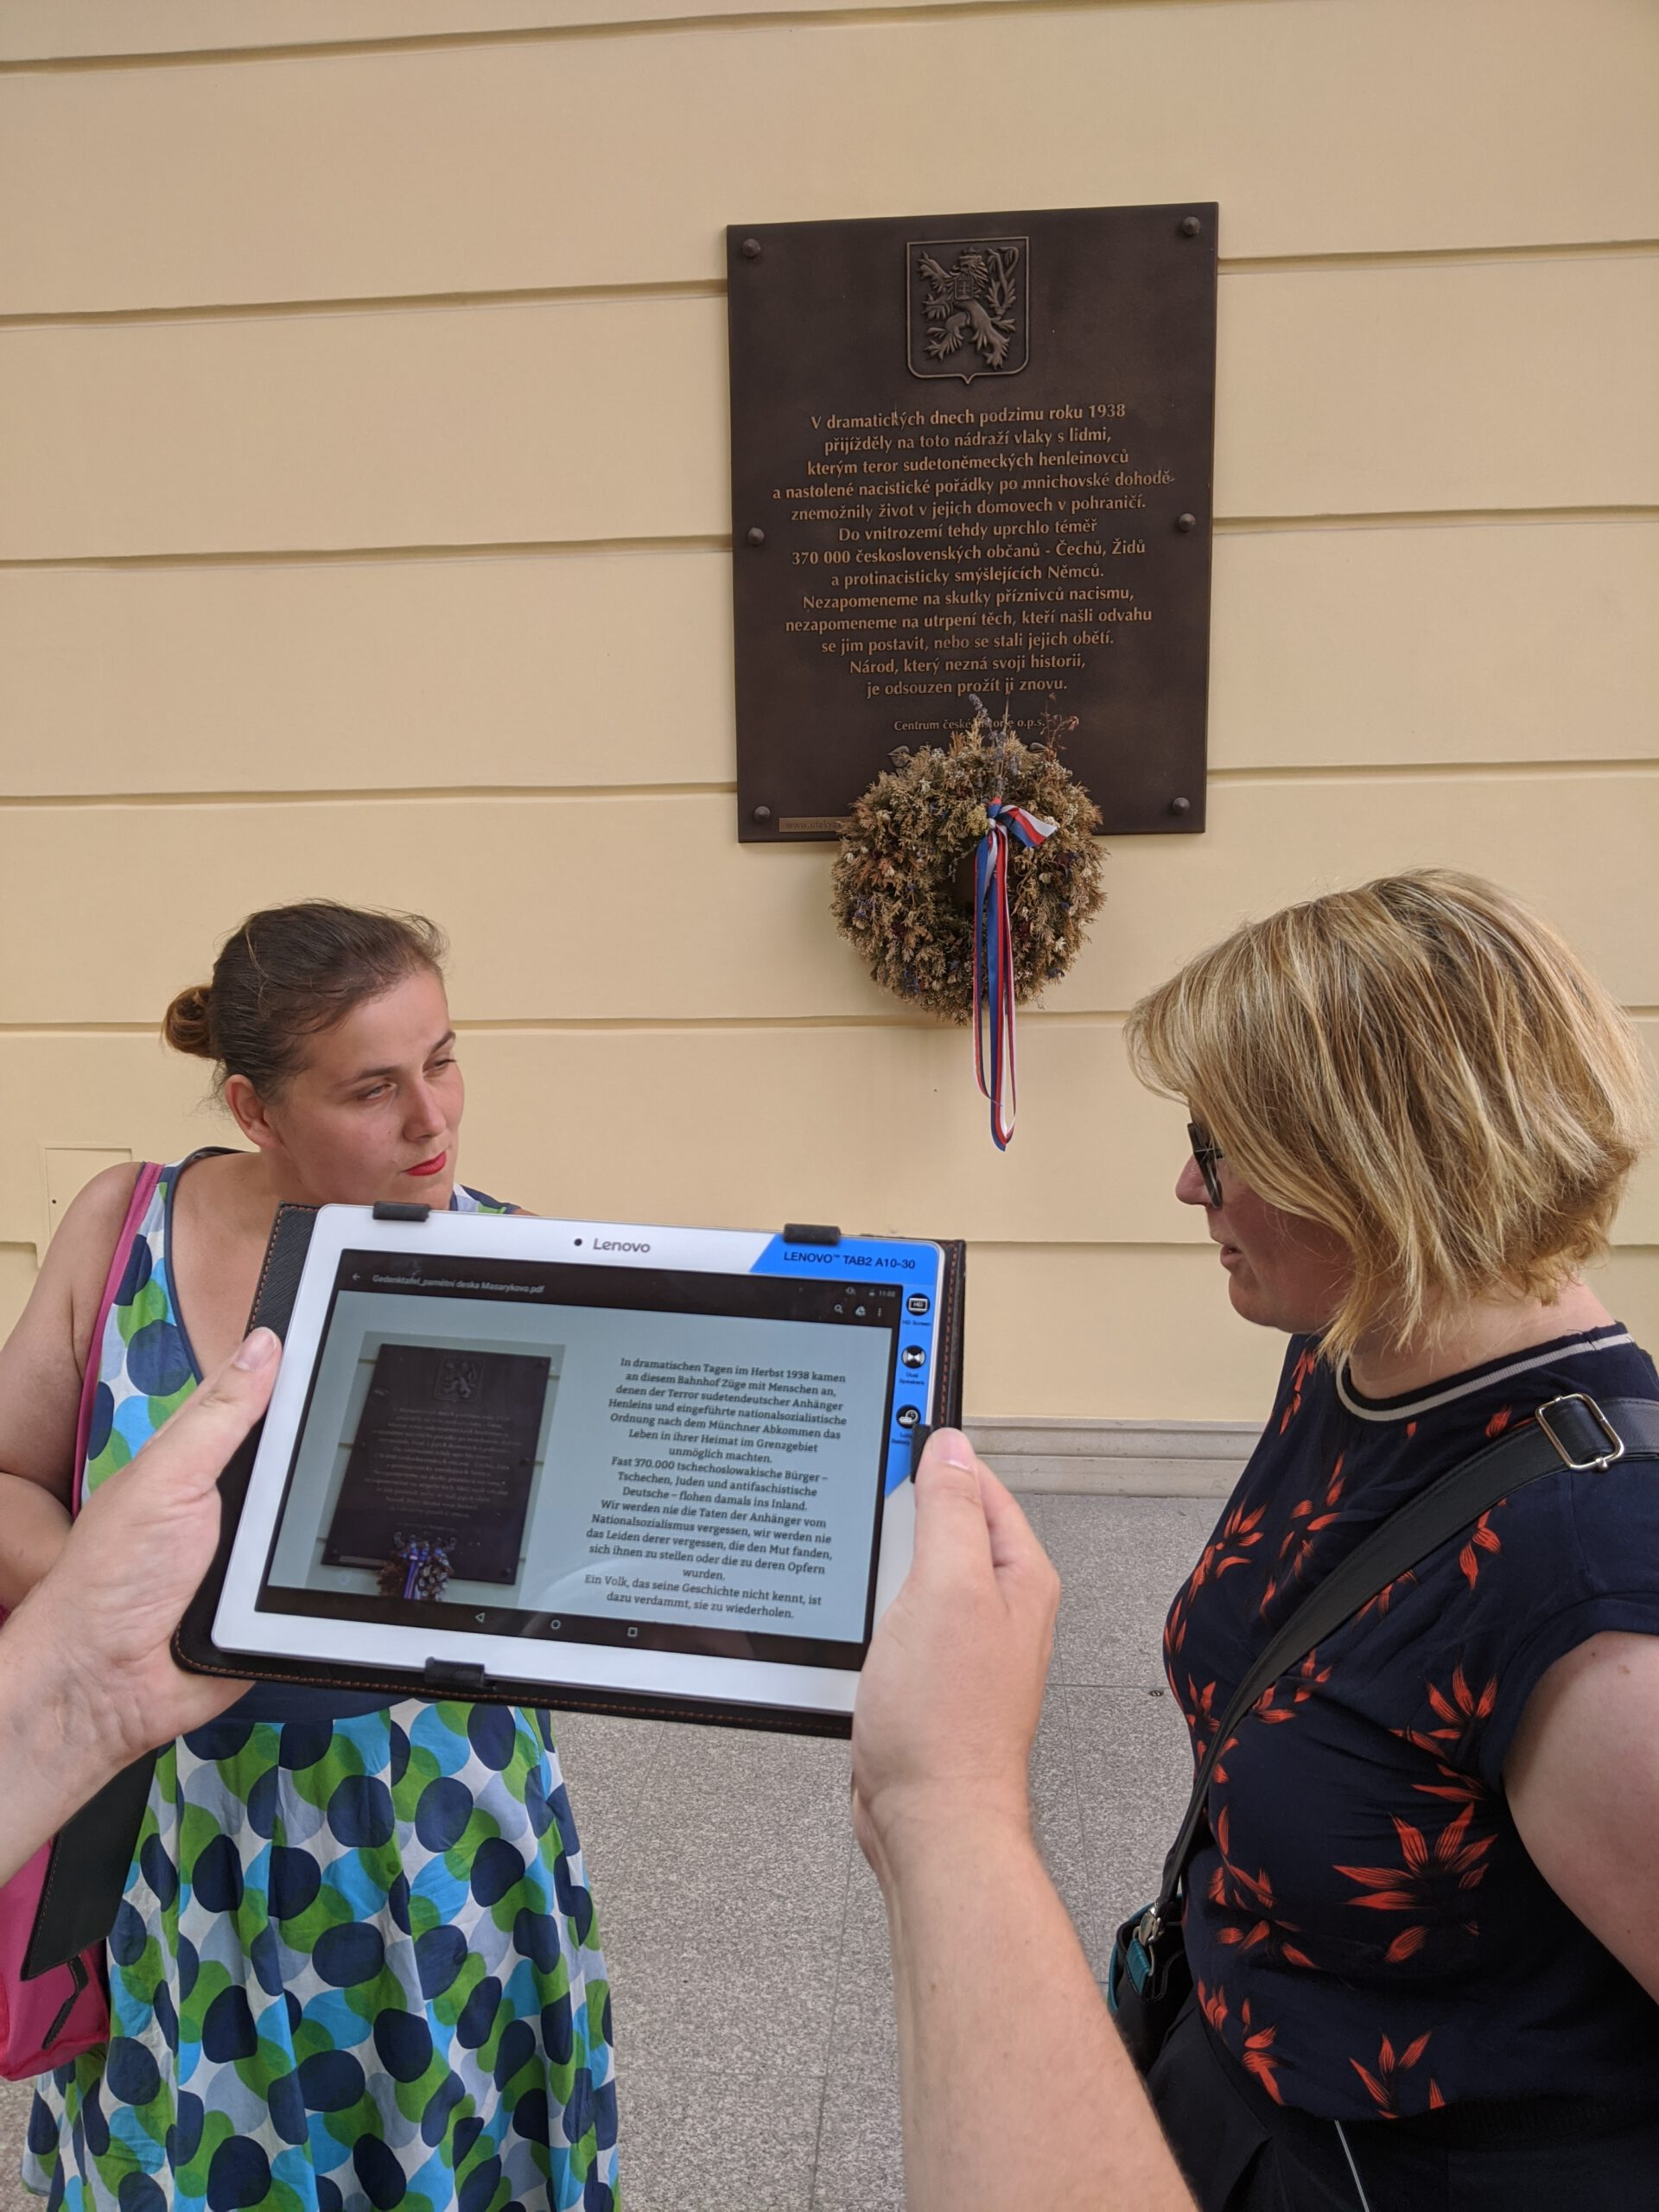 Zwei Frauen unterhalten sich vor einer Gedenkplatte in Prag.